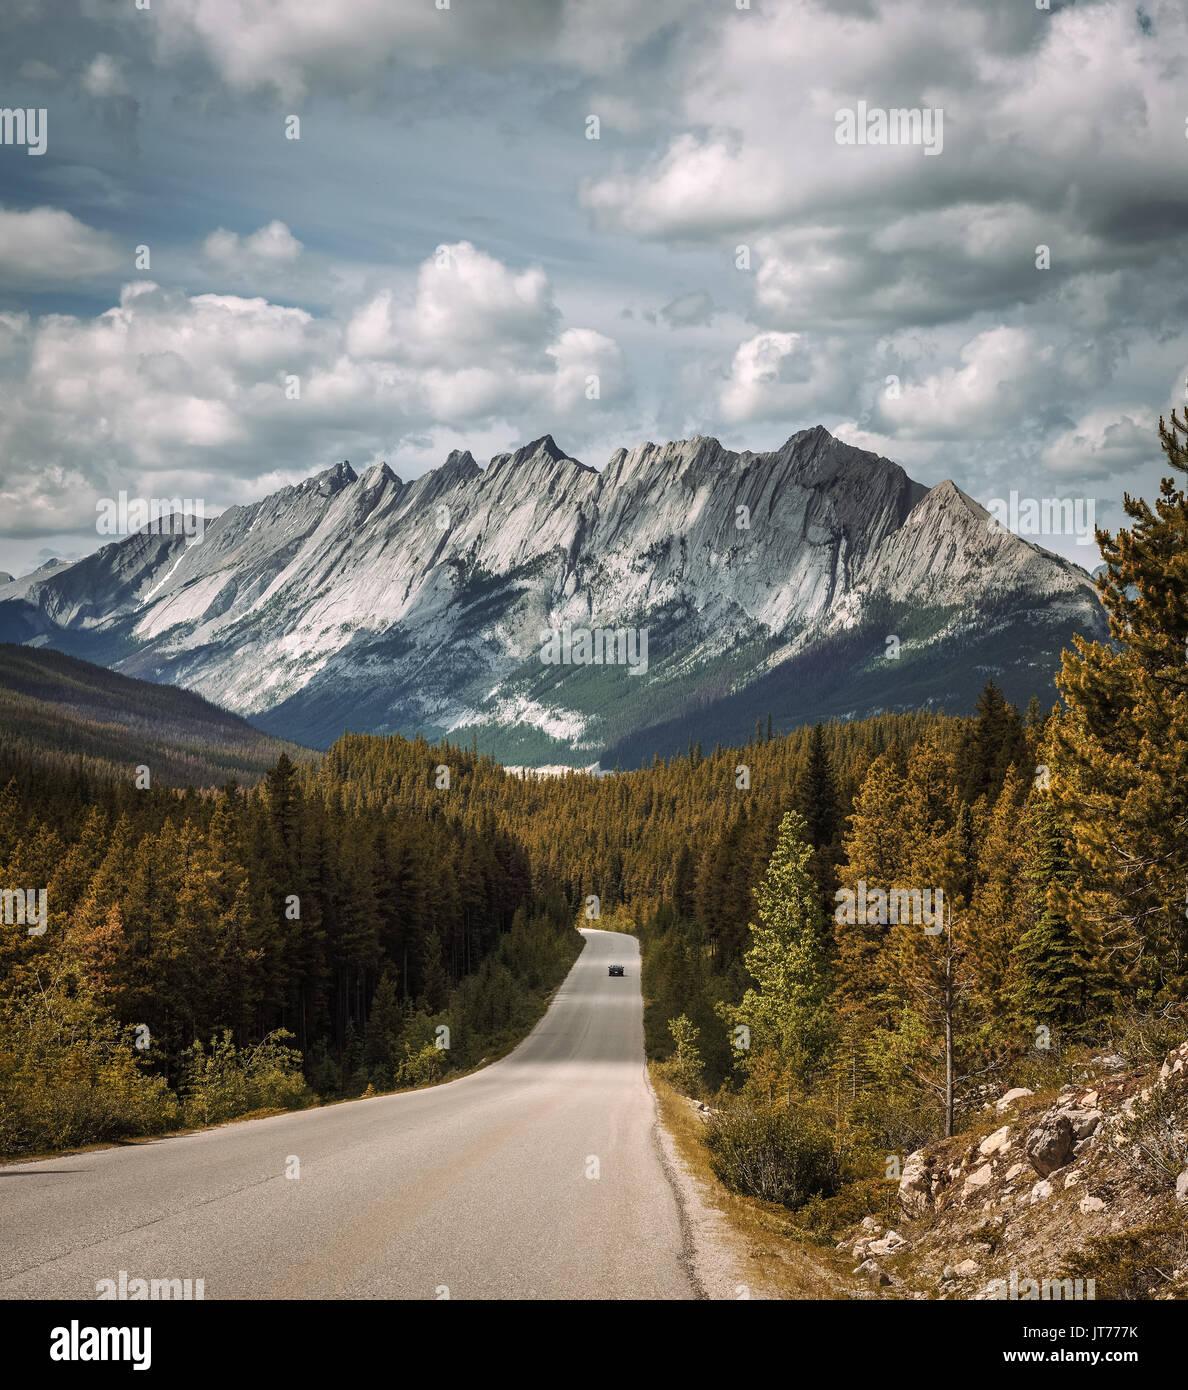 Vue panoramique de la route des Rocheuses canadiennes et sur la promenade des Glaciers. Elle voyage à travers les parcs nationaux Banff et Jasper et offre des vues spectaculaires de Photo Stock